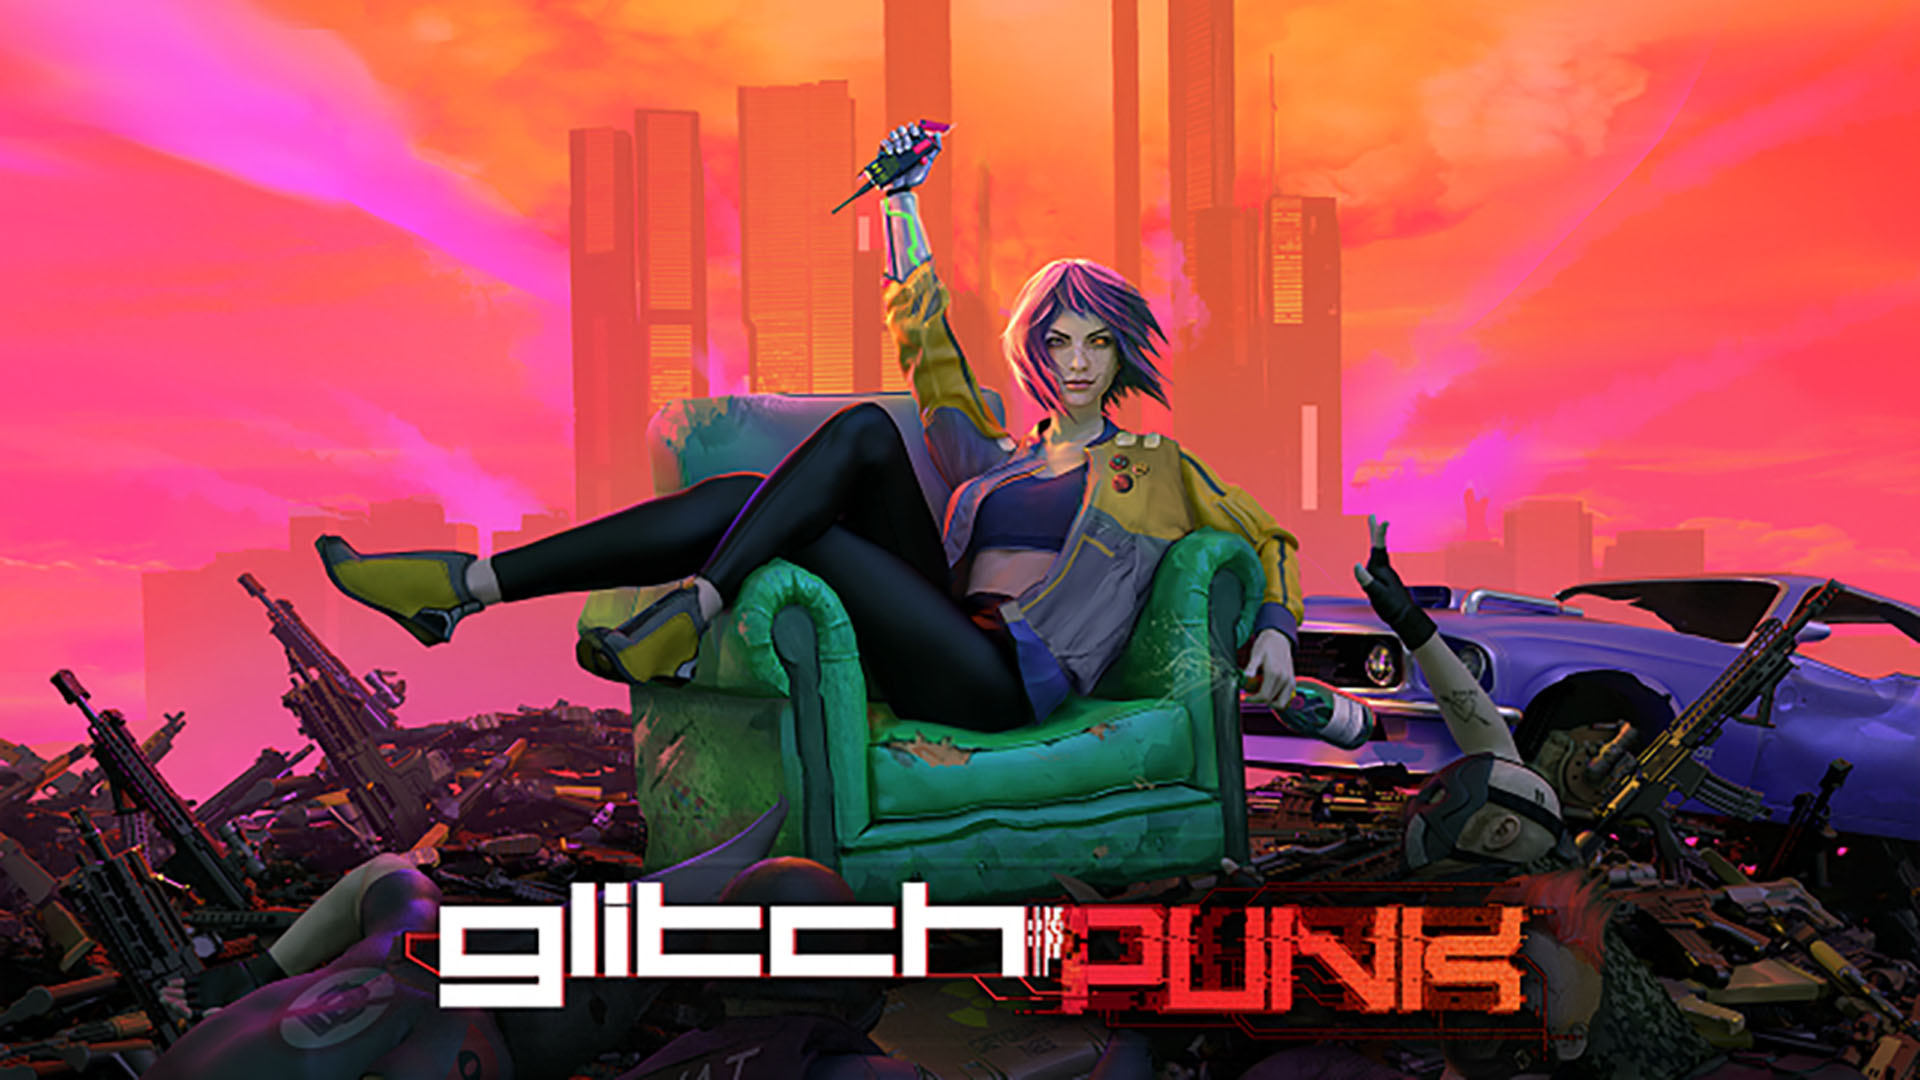 Glitchpunk GTA 2